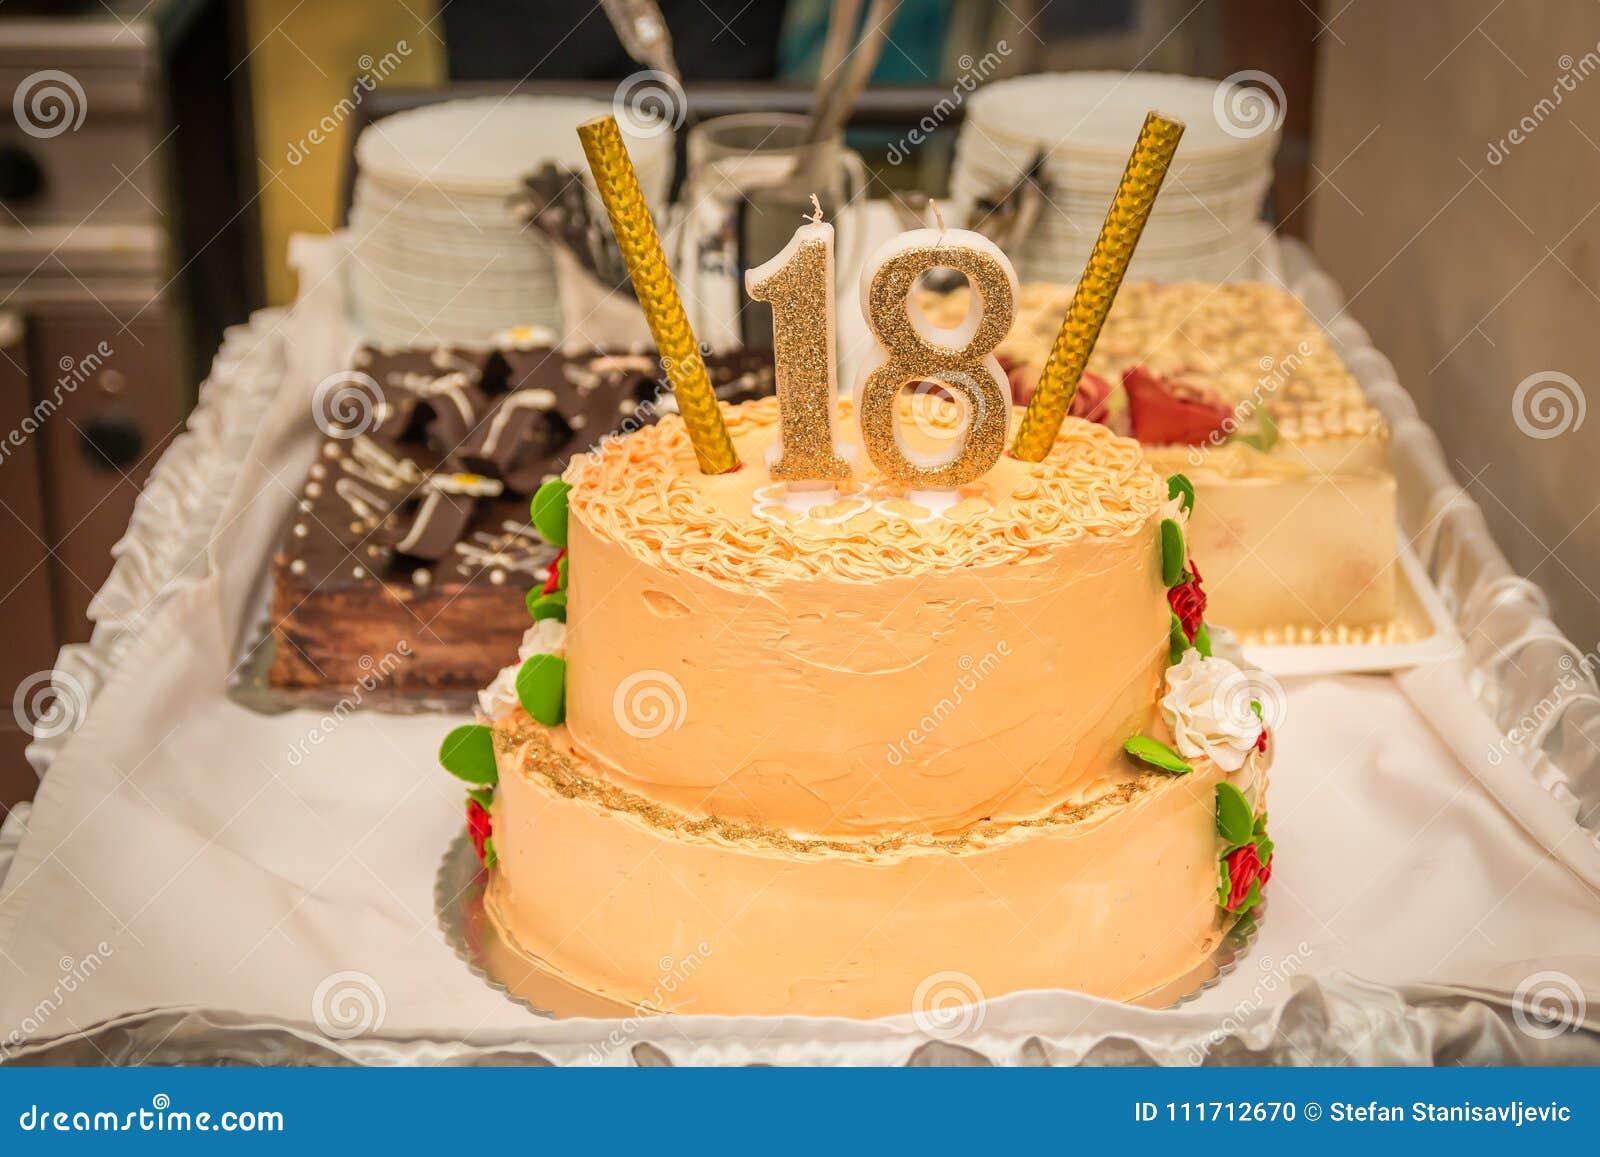 Torta Di Compleanno Con Il Numero 18 Fotografia Stock Immagine Di